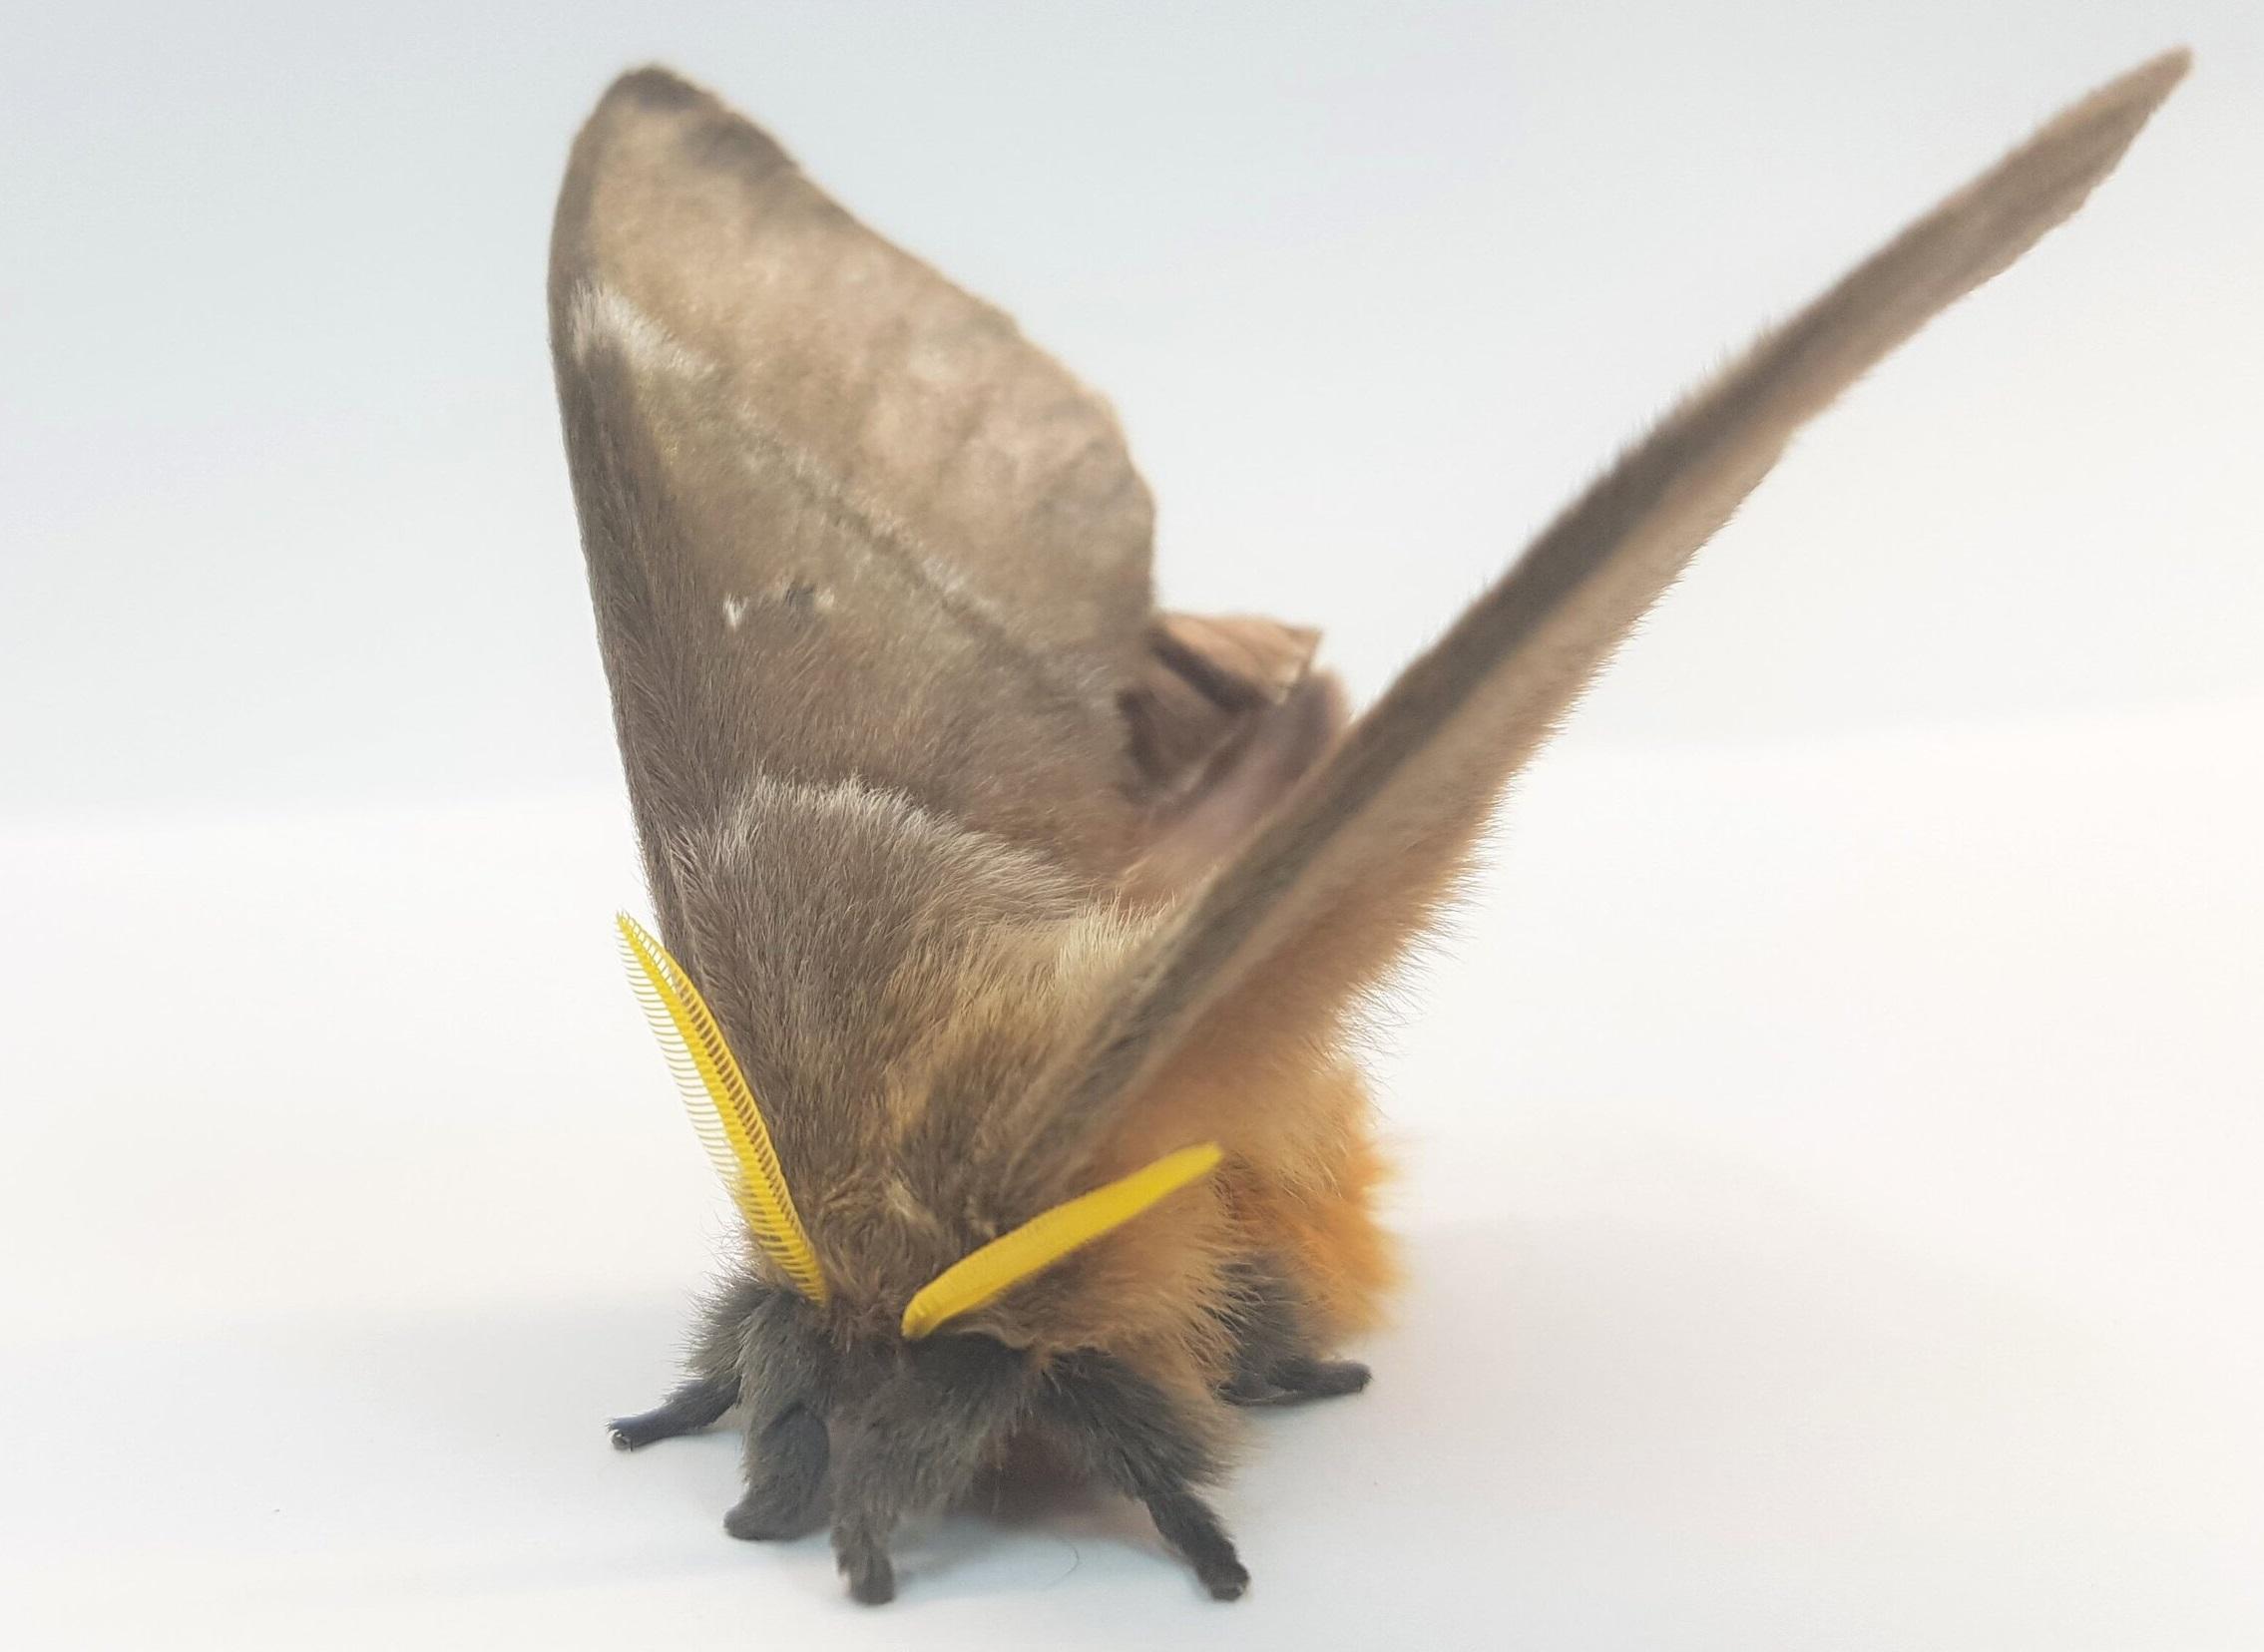 Zvláště huňatý druh můry (Periphoba arcaei) s protáhlými šupinami do podoby tenoučkých vláken plnících funkci akustické kamufláže.Kredit: Thomas R. Neil.